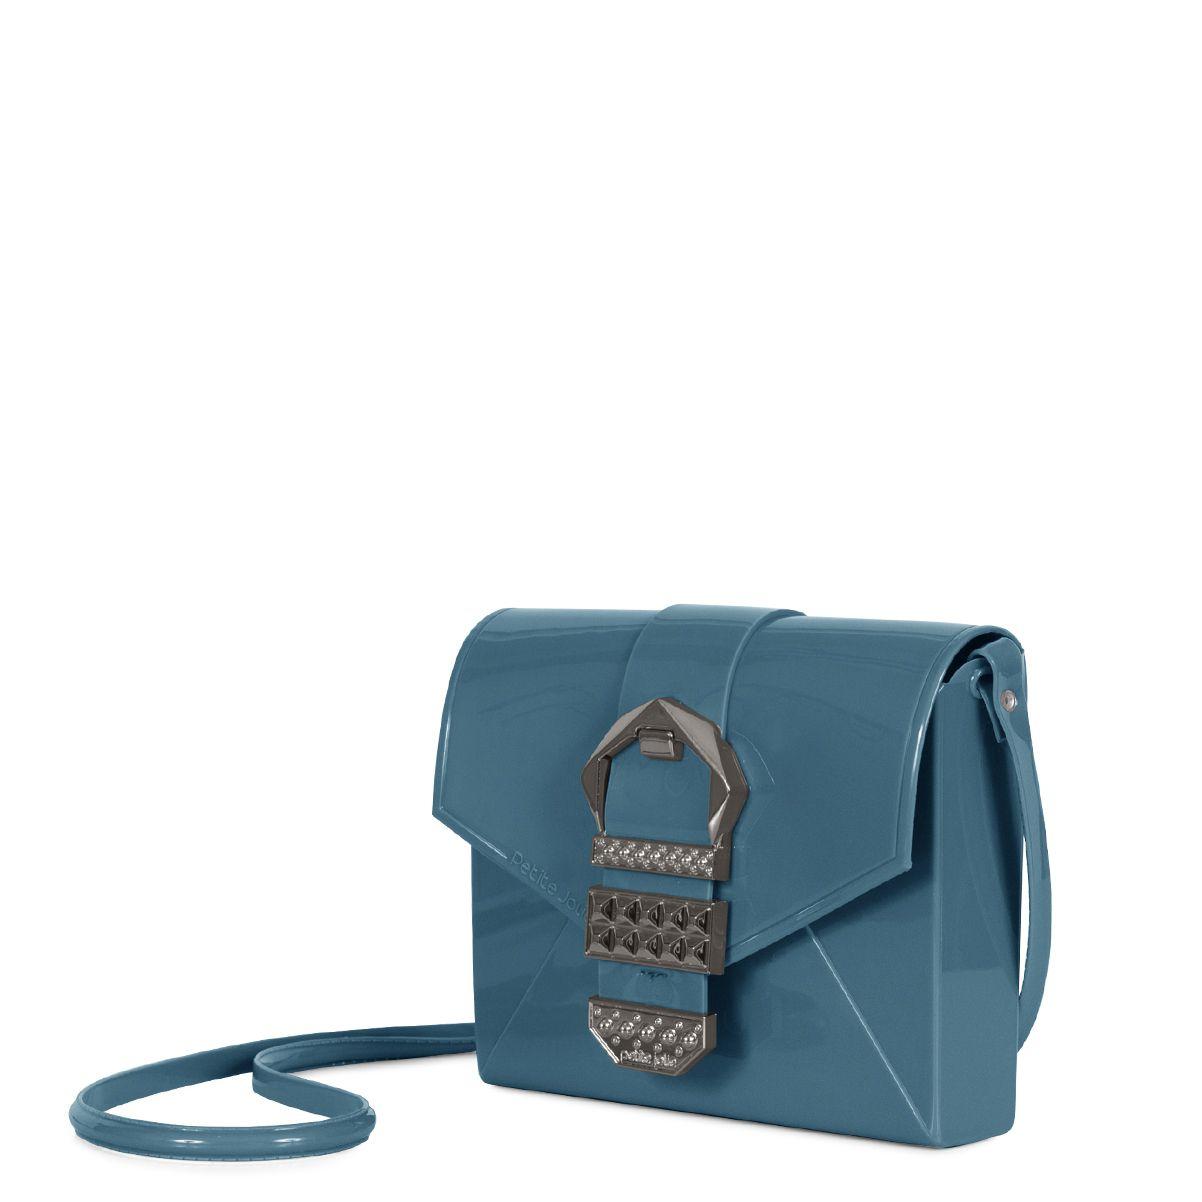 Bolsa Hello PJ3955 Petite Jolie